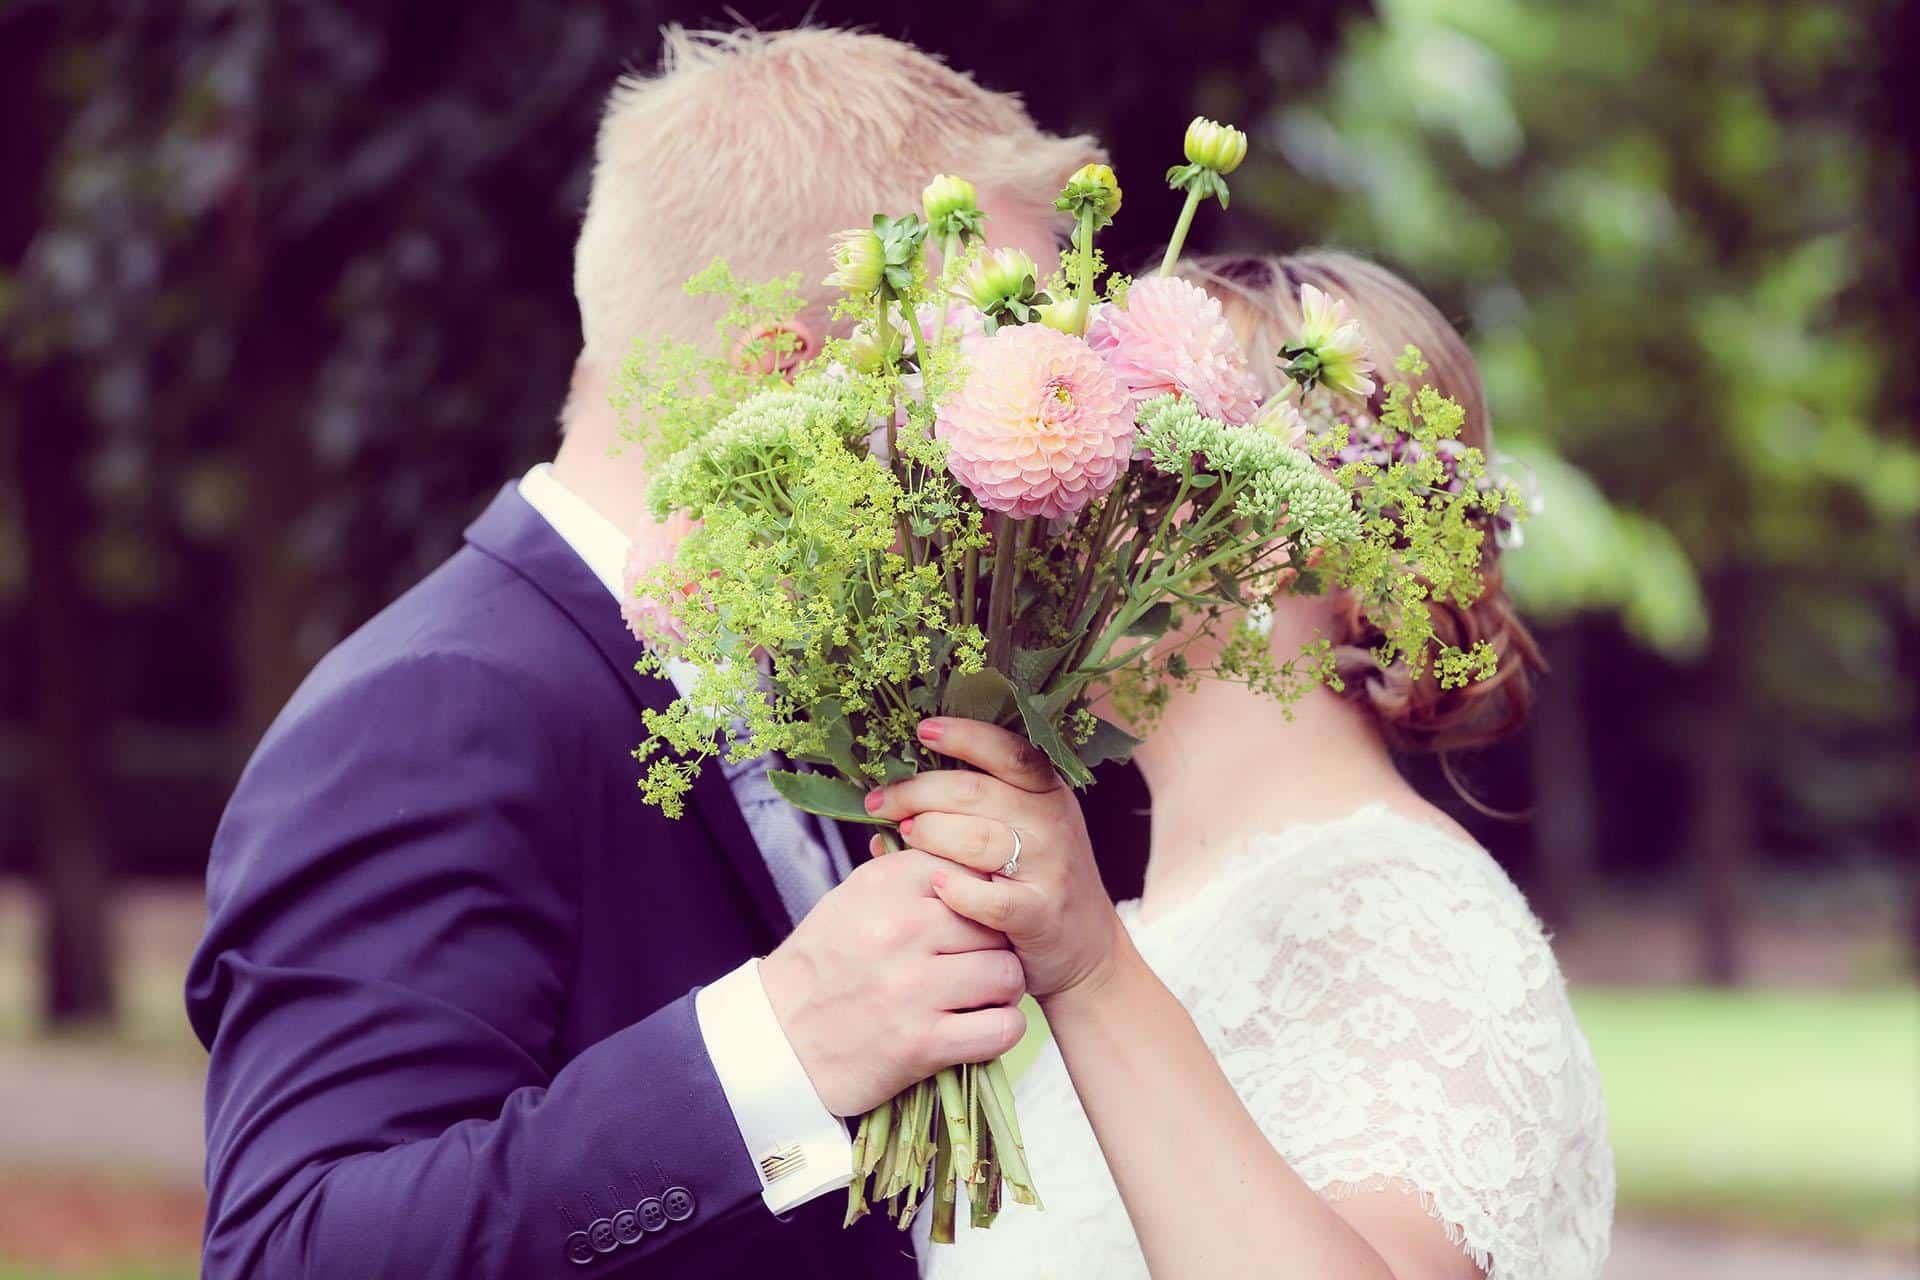 Romantisches Heiraten_Bild